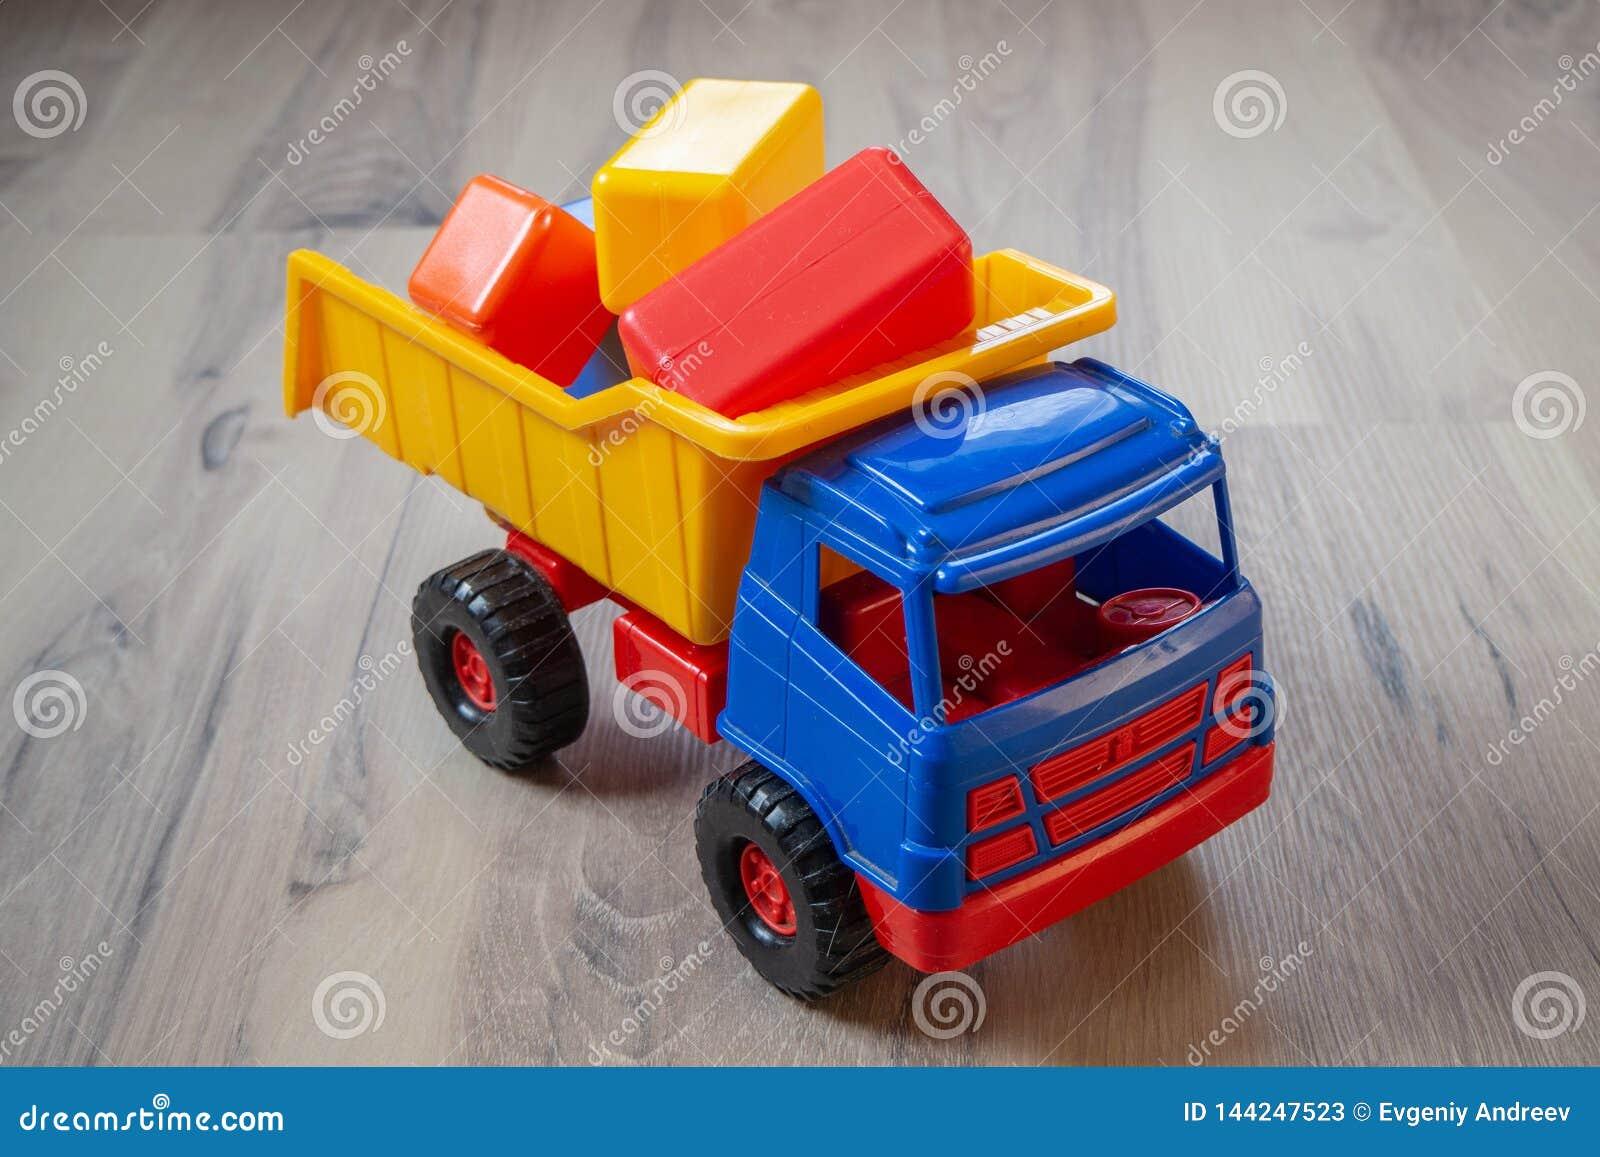 Bunter Spielzeug-LKW